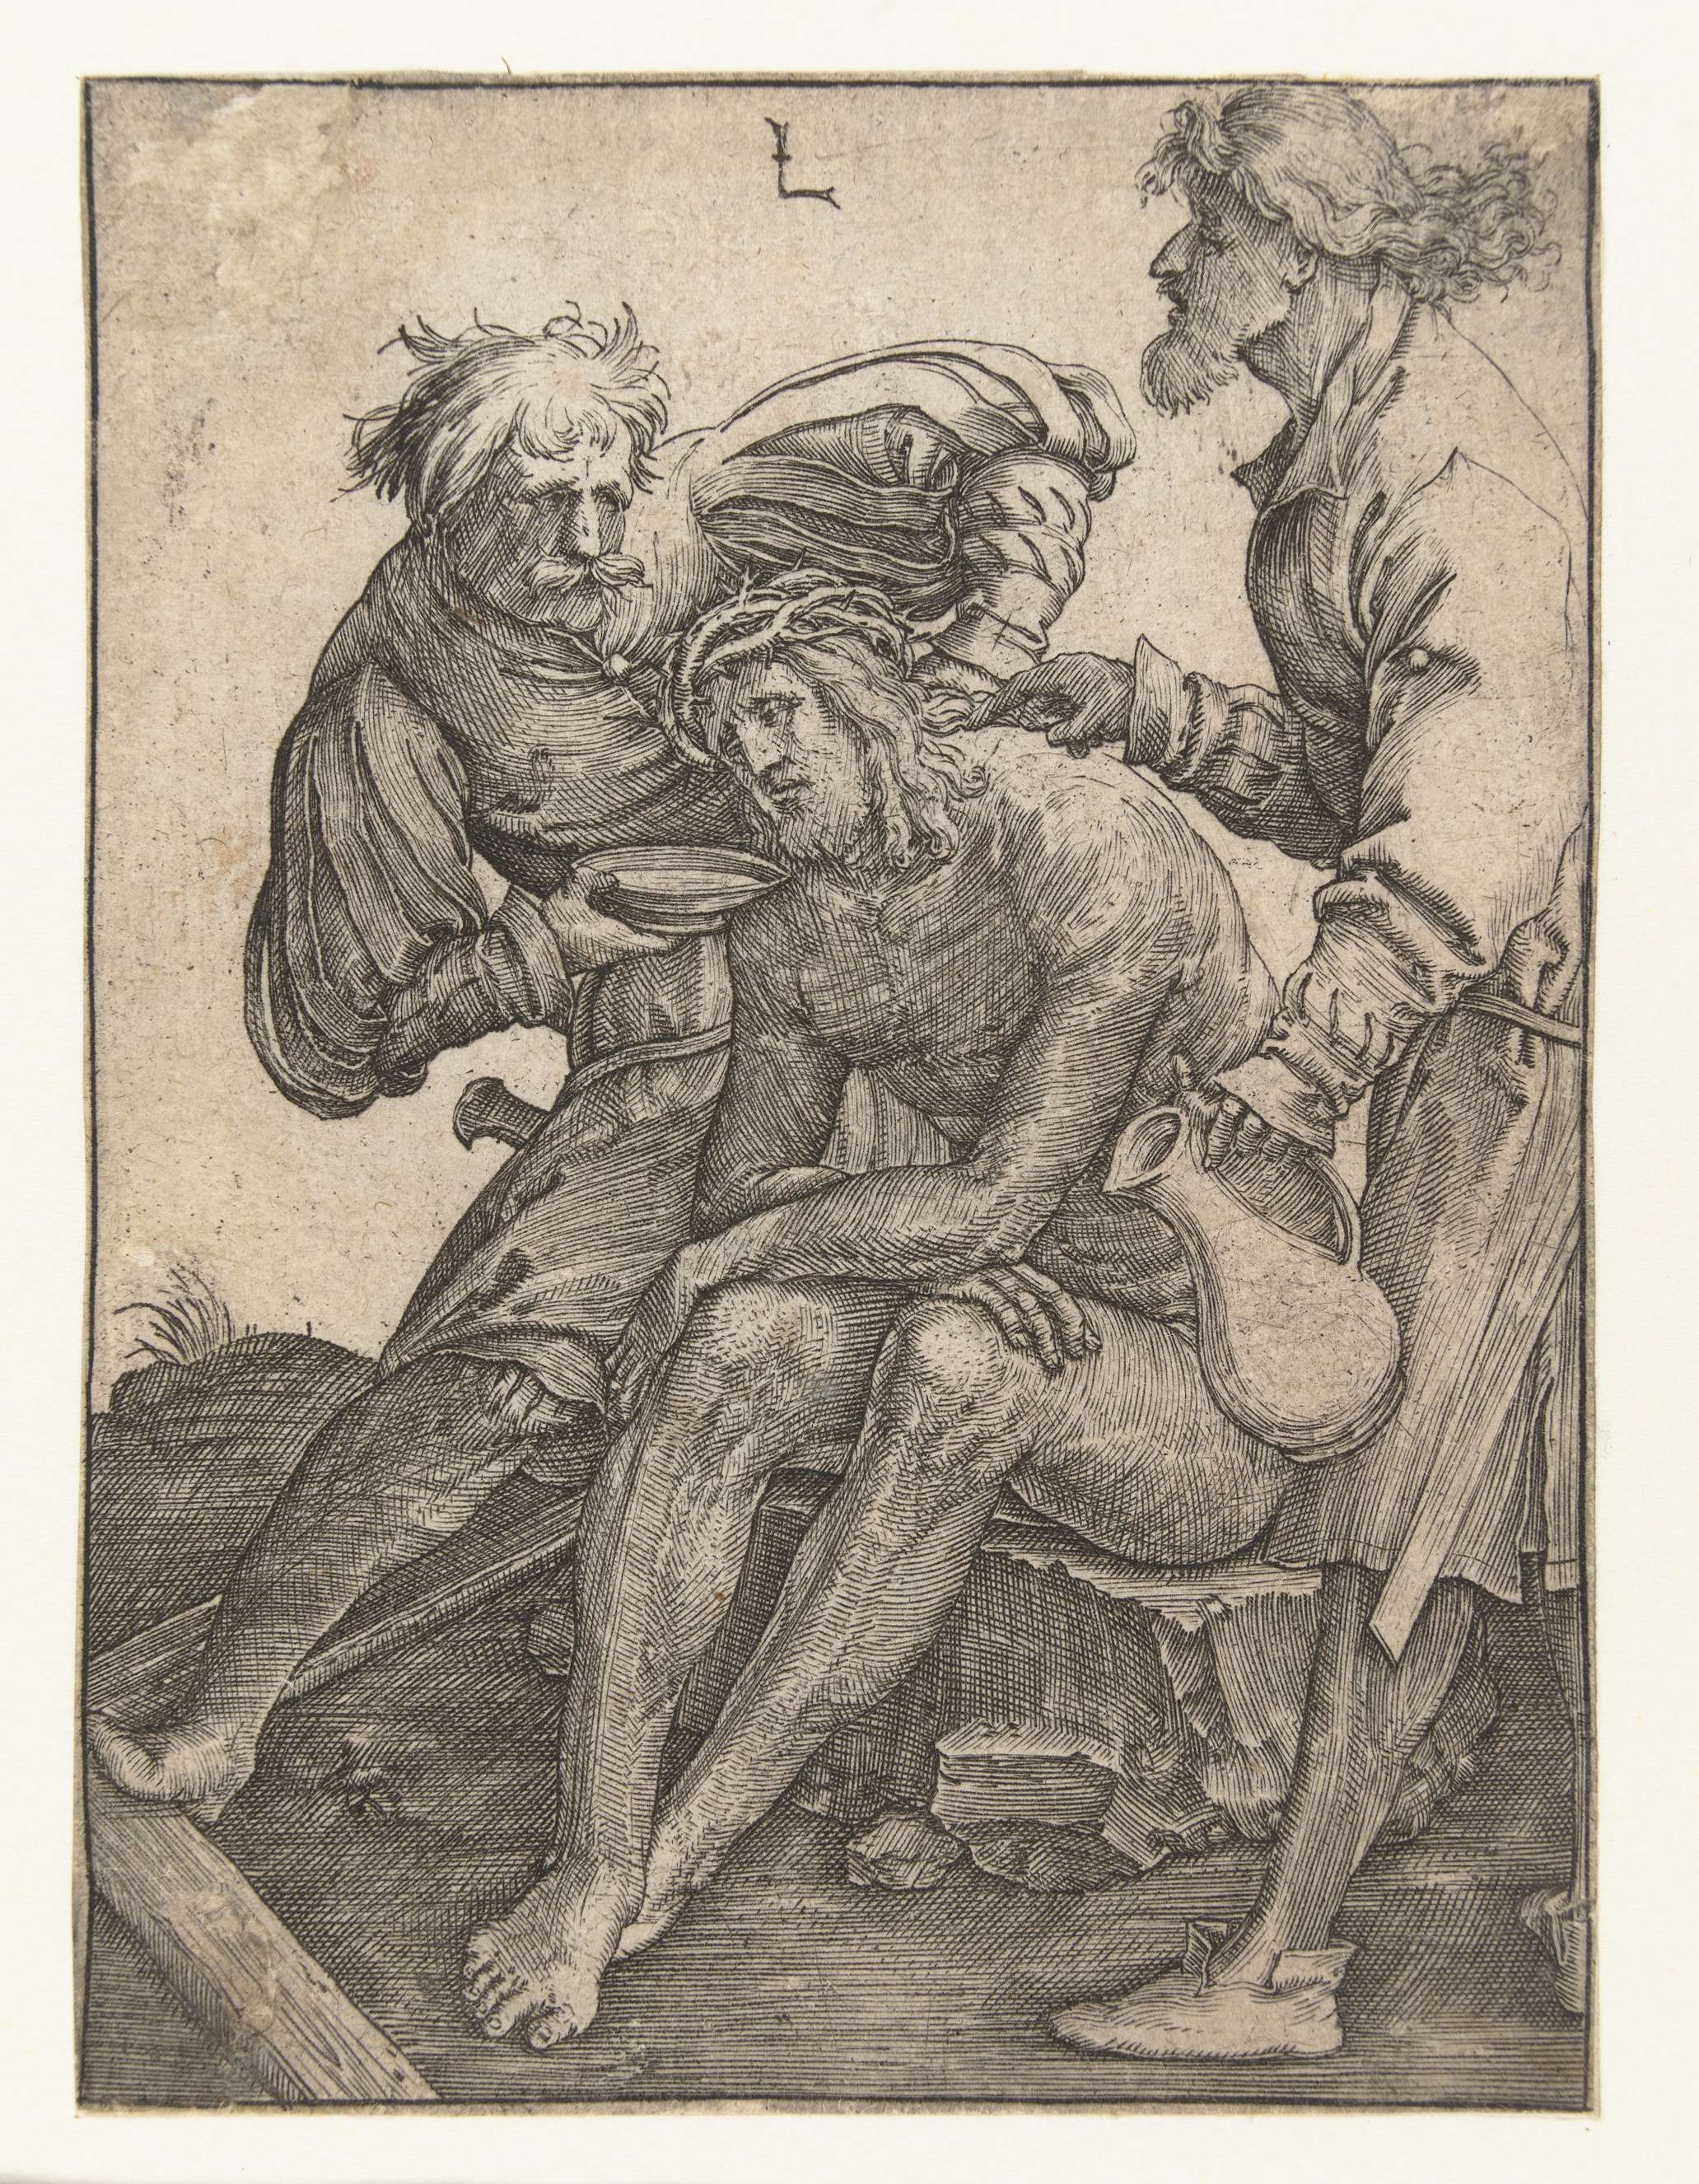 Lucas van Leyden   Soldaten geven Christus te drinken, Lucas van Leyden, 1510 - 1514   Christus zittend op een steen. Een man biedt hem een schaal met drinken aan, een andere man heeft een kruik in zijn hand.